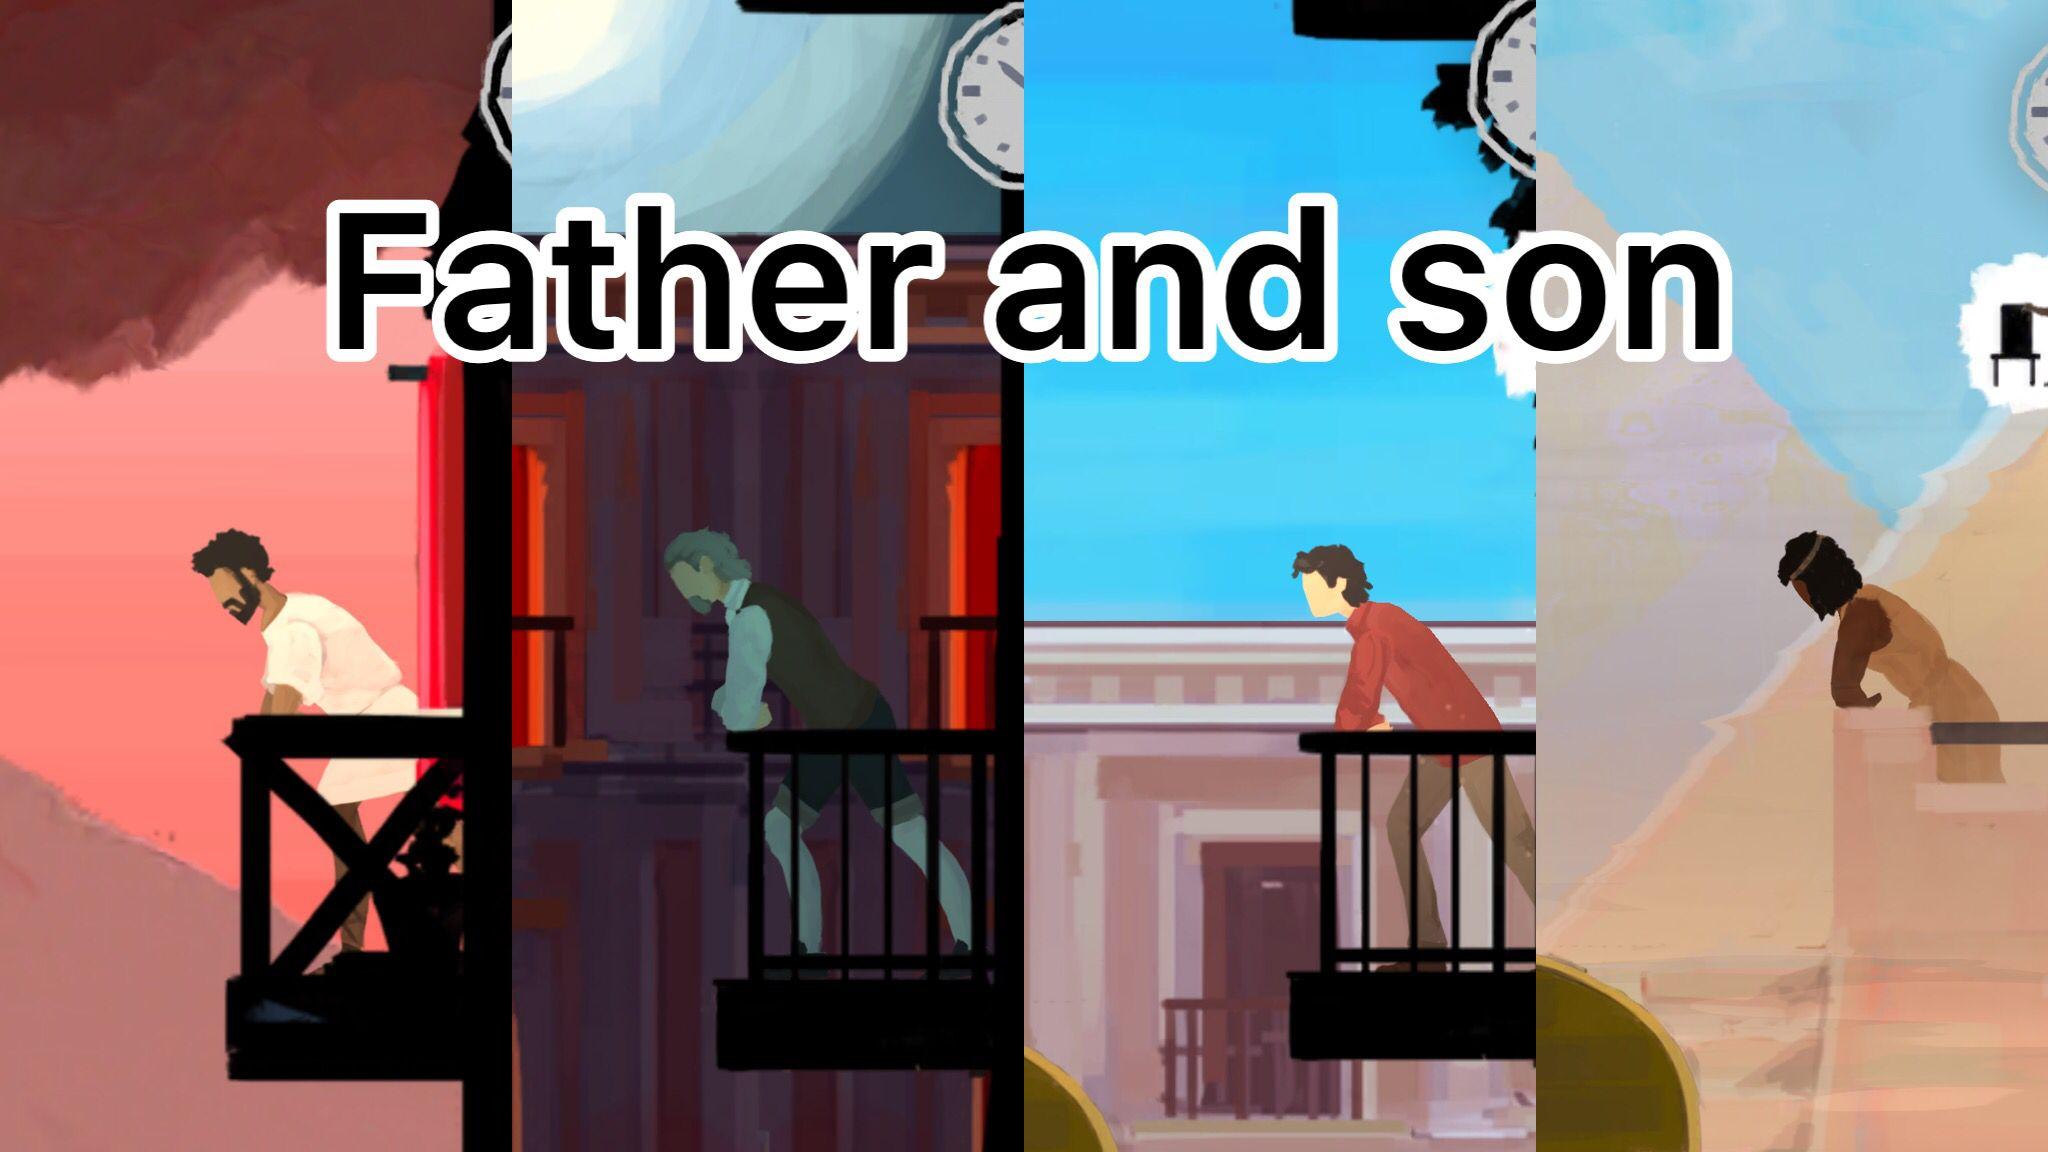 【游戏实况】穿越历史,寻找父亲的足迹!(Father and Son)